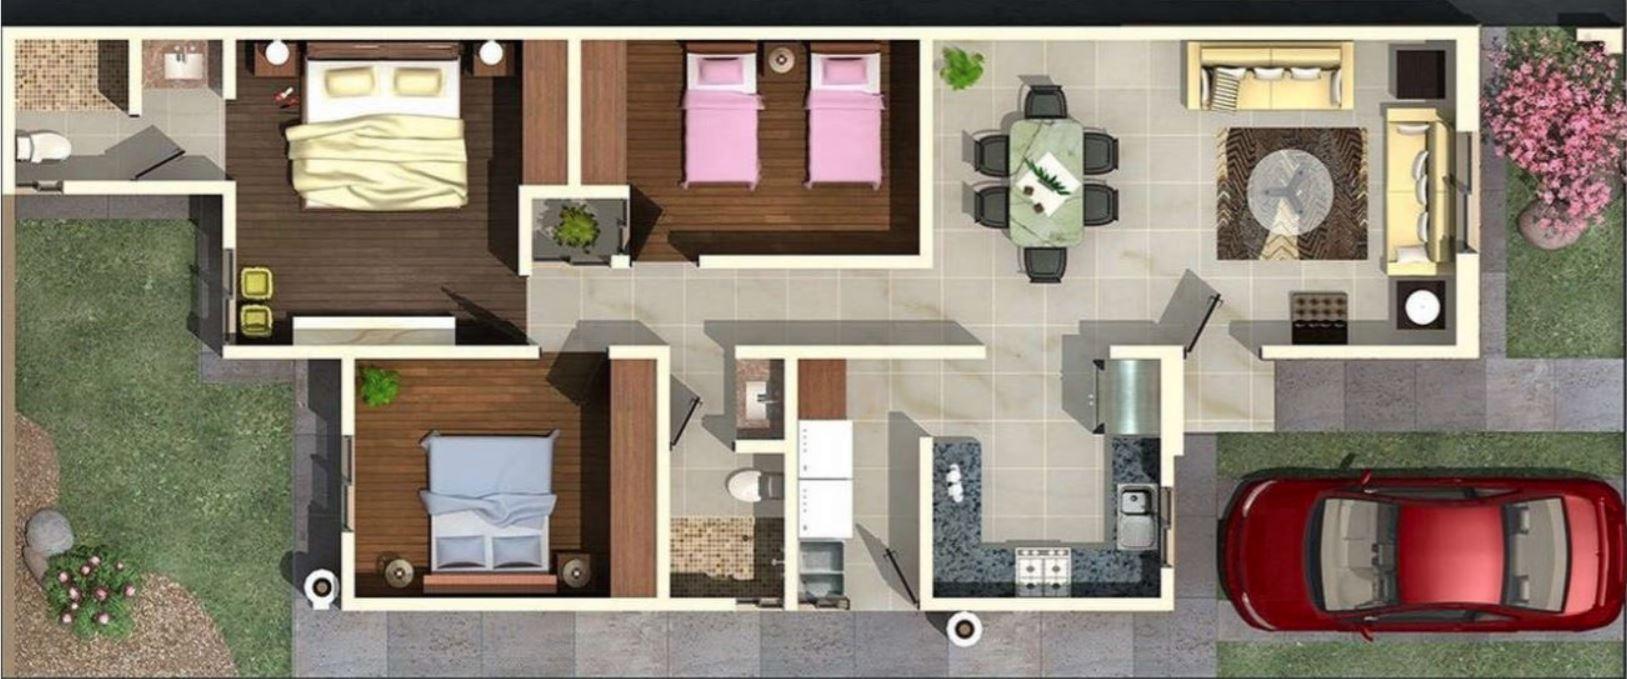 Planos y casas planos de casas plantas arquitect nicas fachadas de viviendas de 1 y 2 pisos - Planos de casas de una planta ...